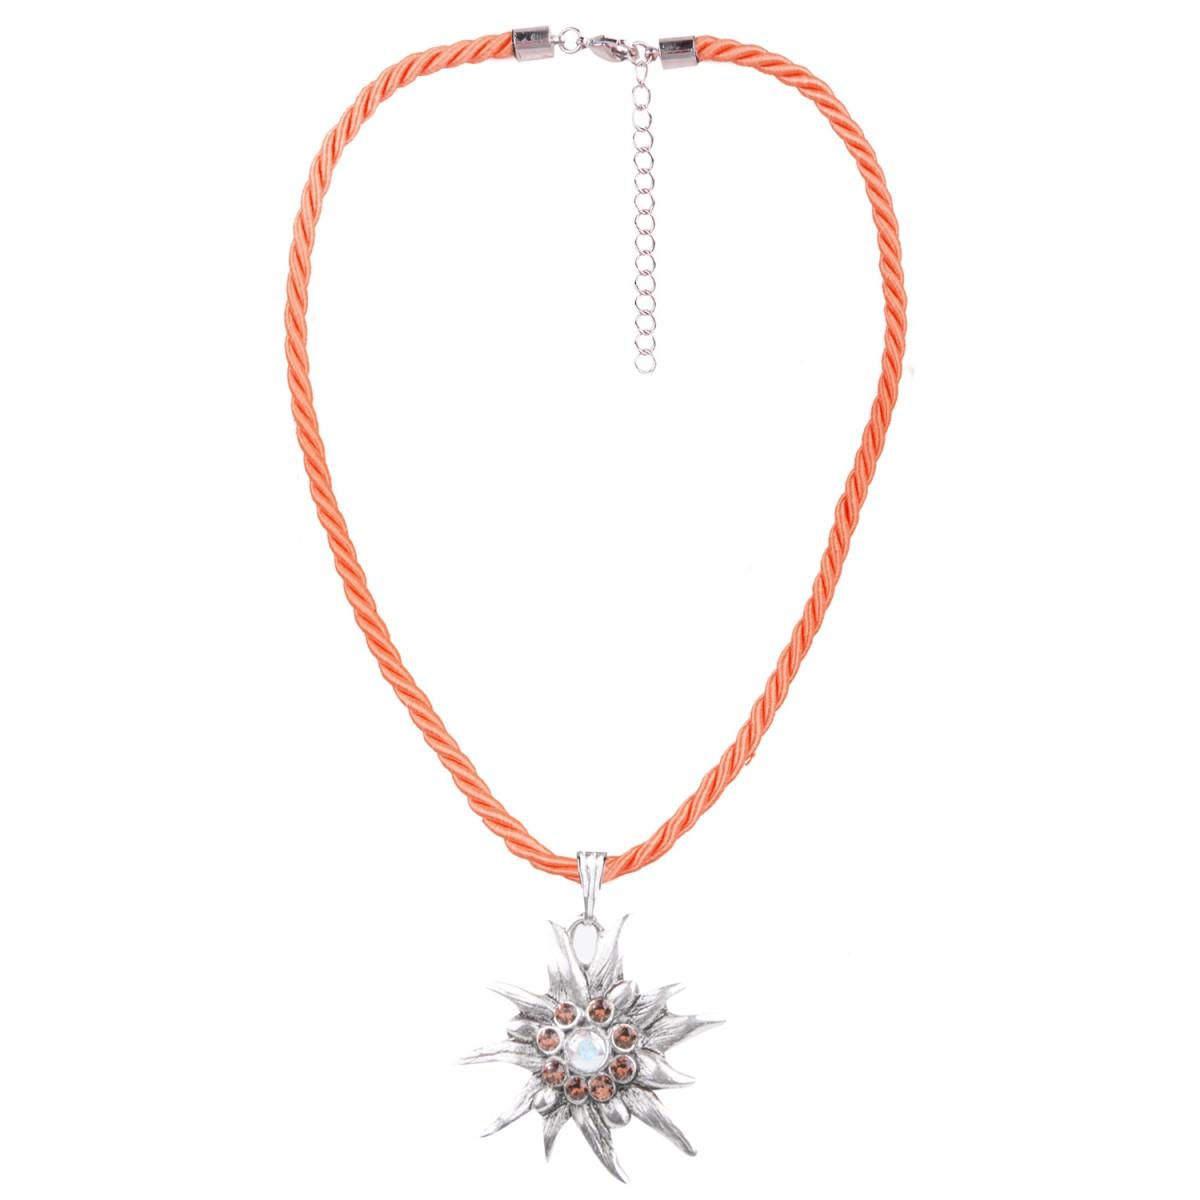 Halskette in Orange mit Edelweißanhänger von Schlick Accessoires günstig online kaufen